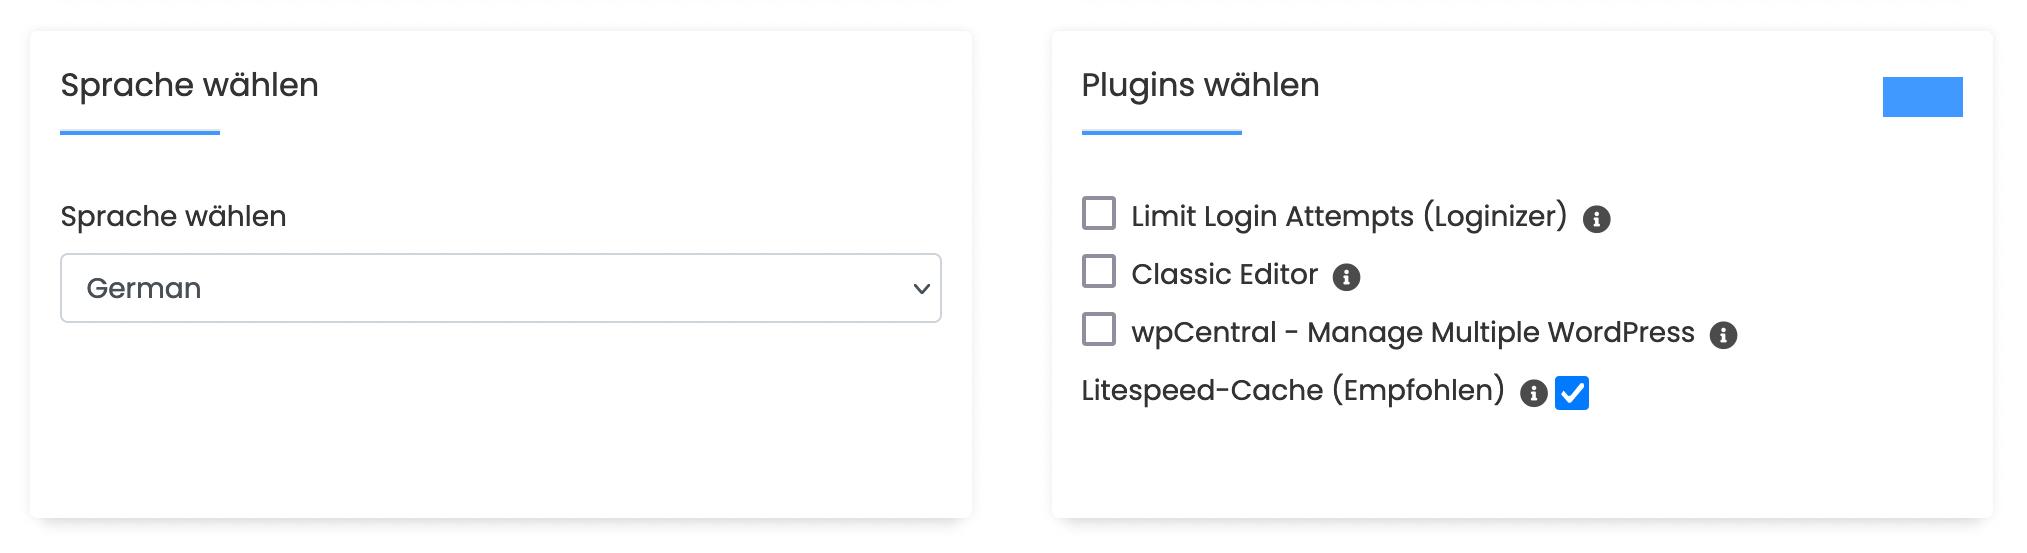 Sprache-/Plugins wählen